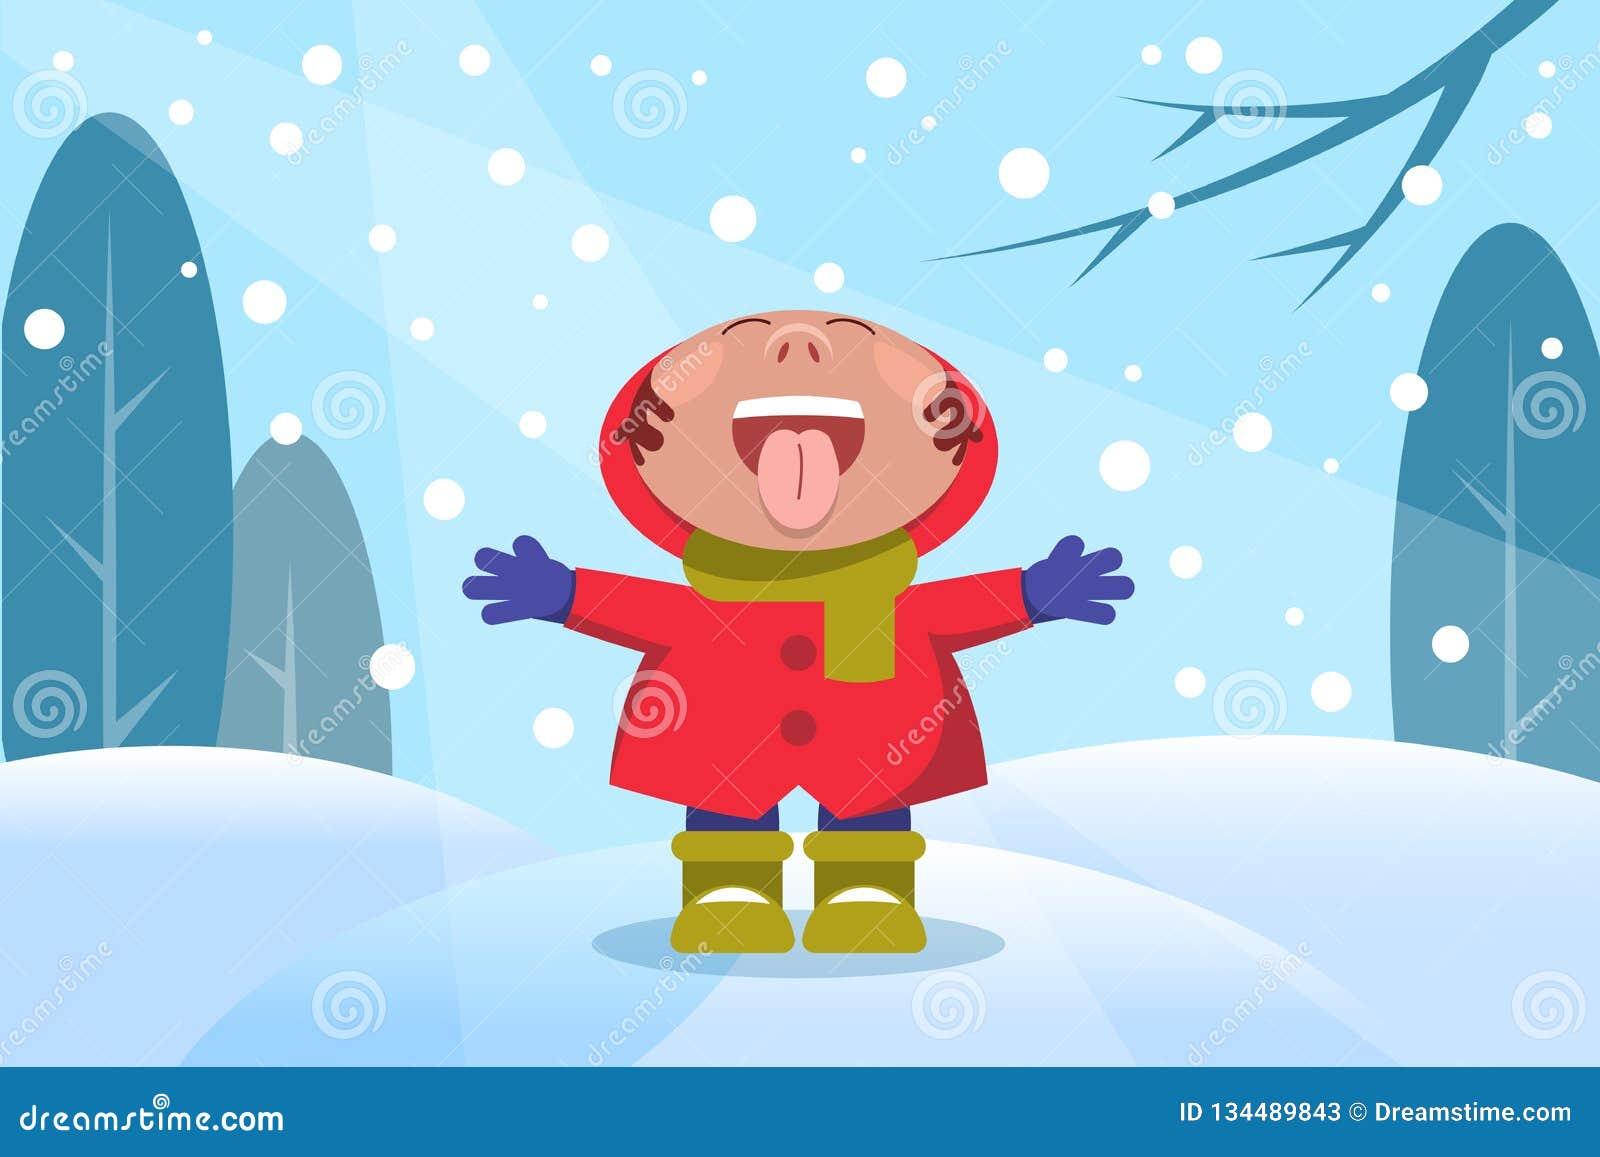 Kind im Winterwald mit Schneeflocken